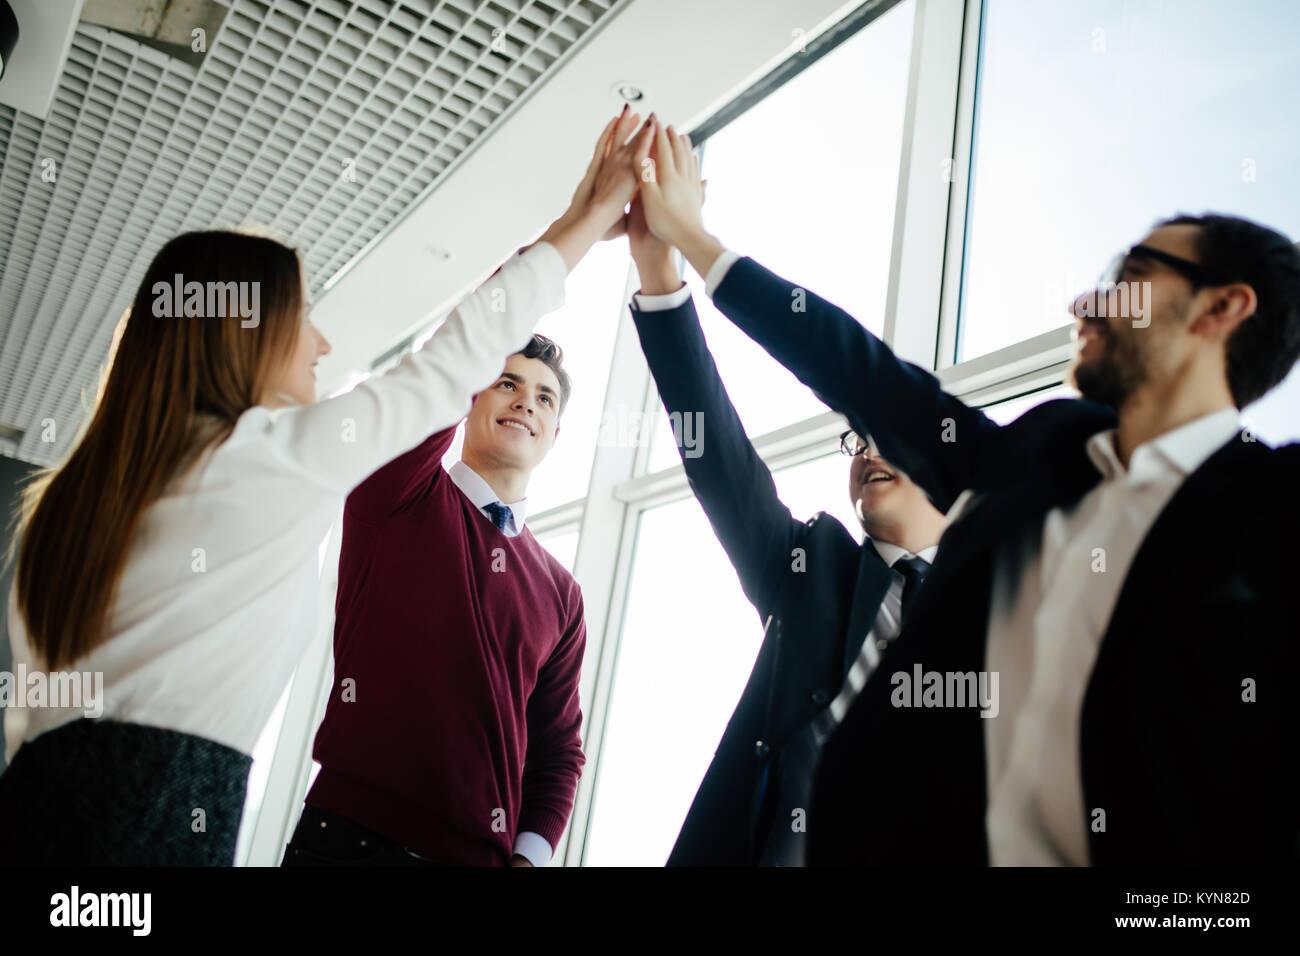 La gente de negocios feliz saludo en oficina moderna Imagen De Stock